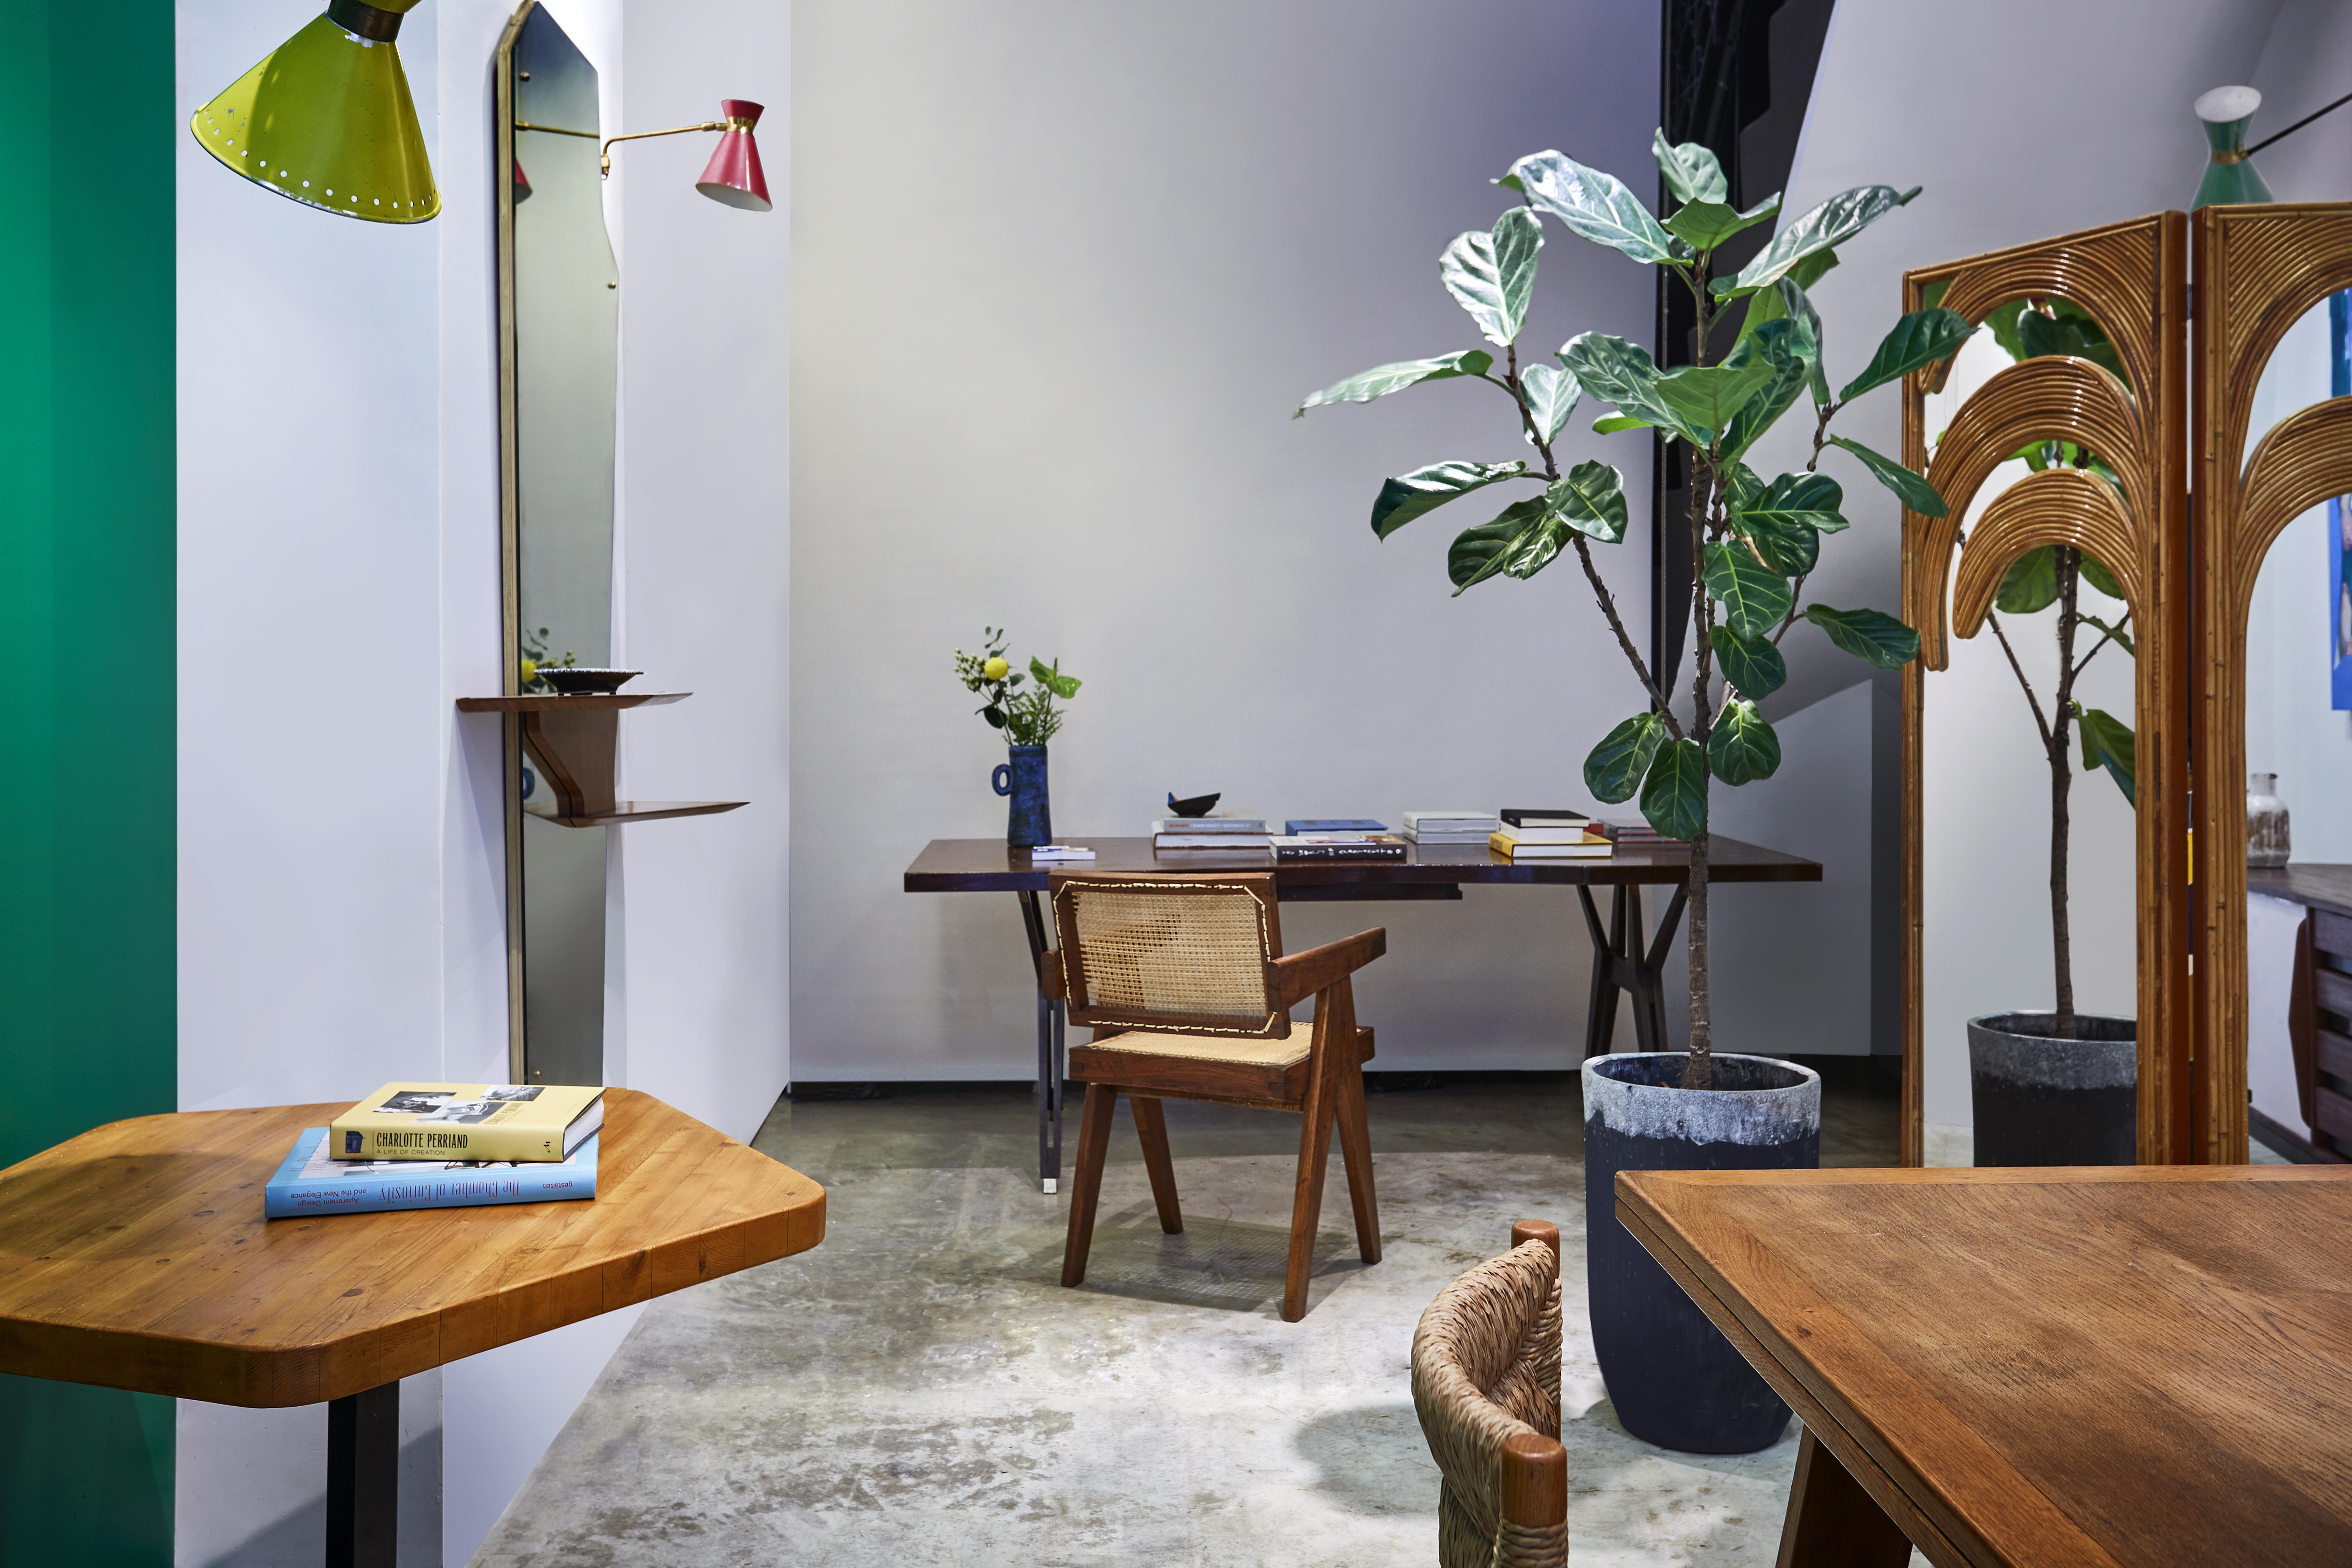 二人把空間設計成客廳,示範不同年代和風格的家具和藝術品可如何為配襯和展示。